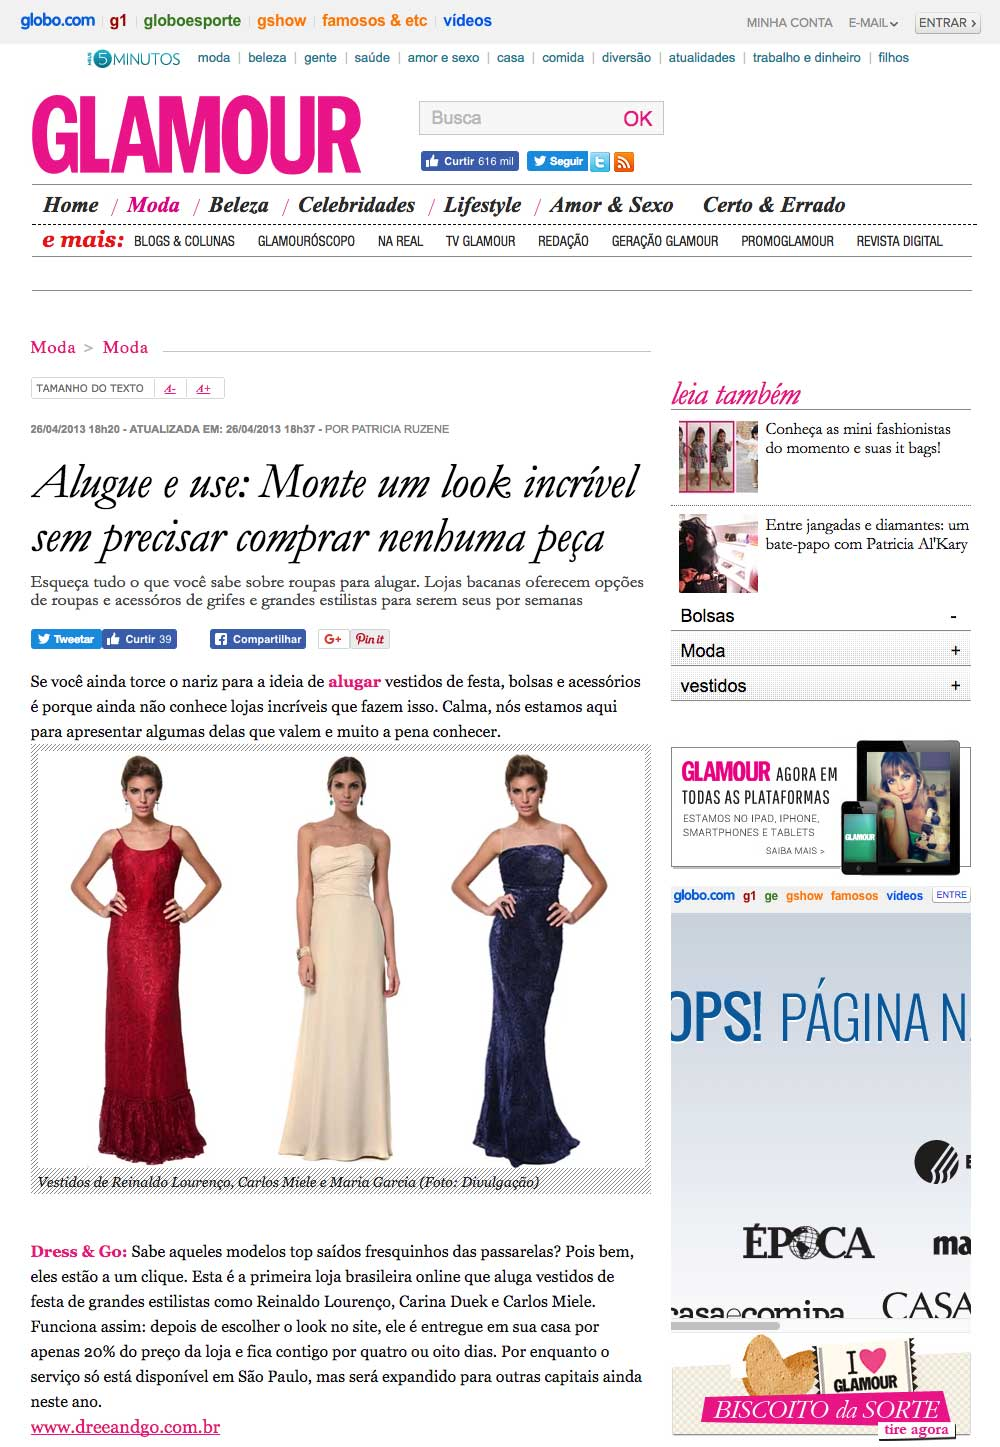 Glamour Alugue e use